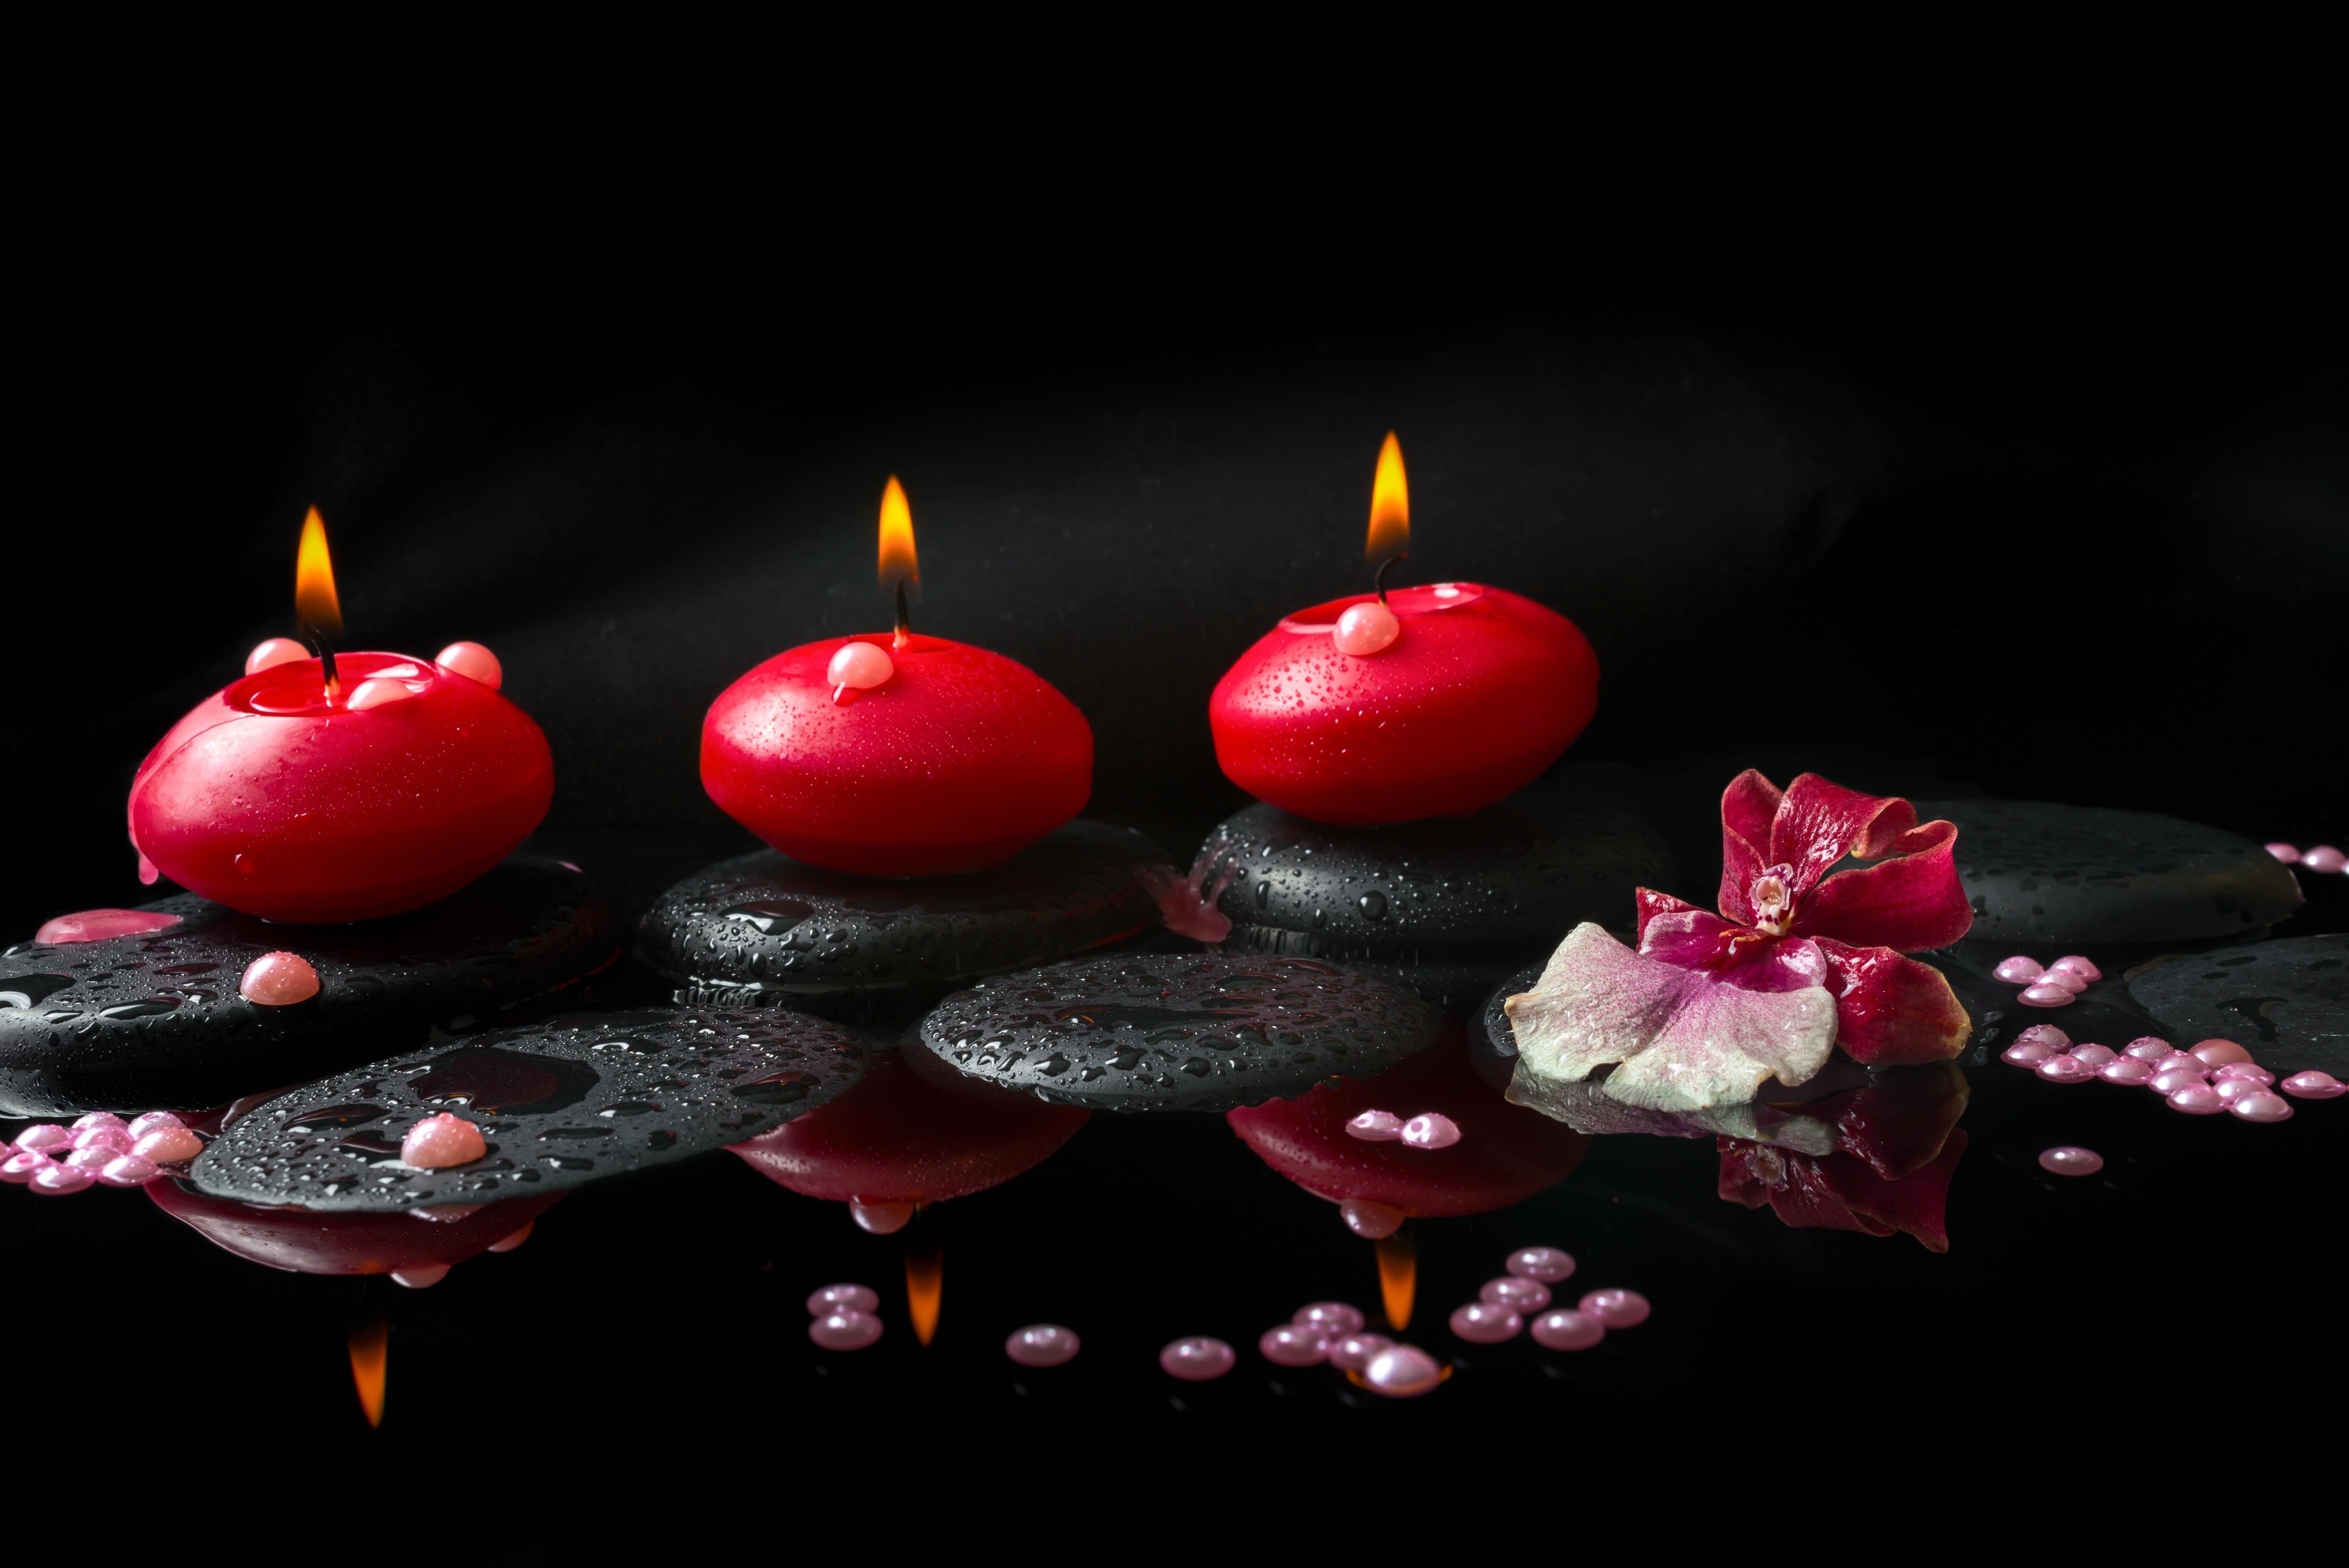 Камни черные цветок  № 2989386 бесплатно